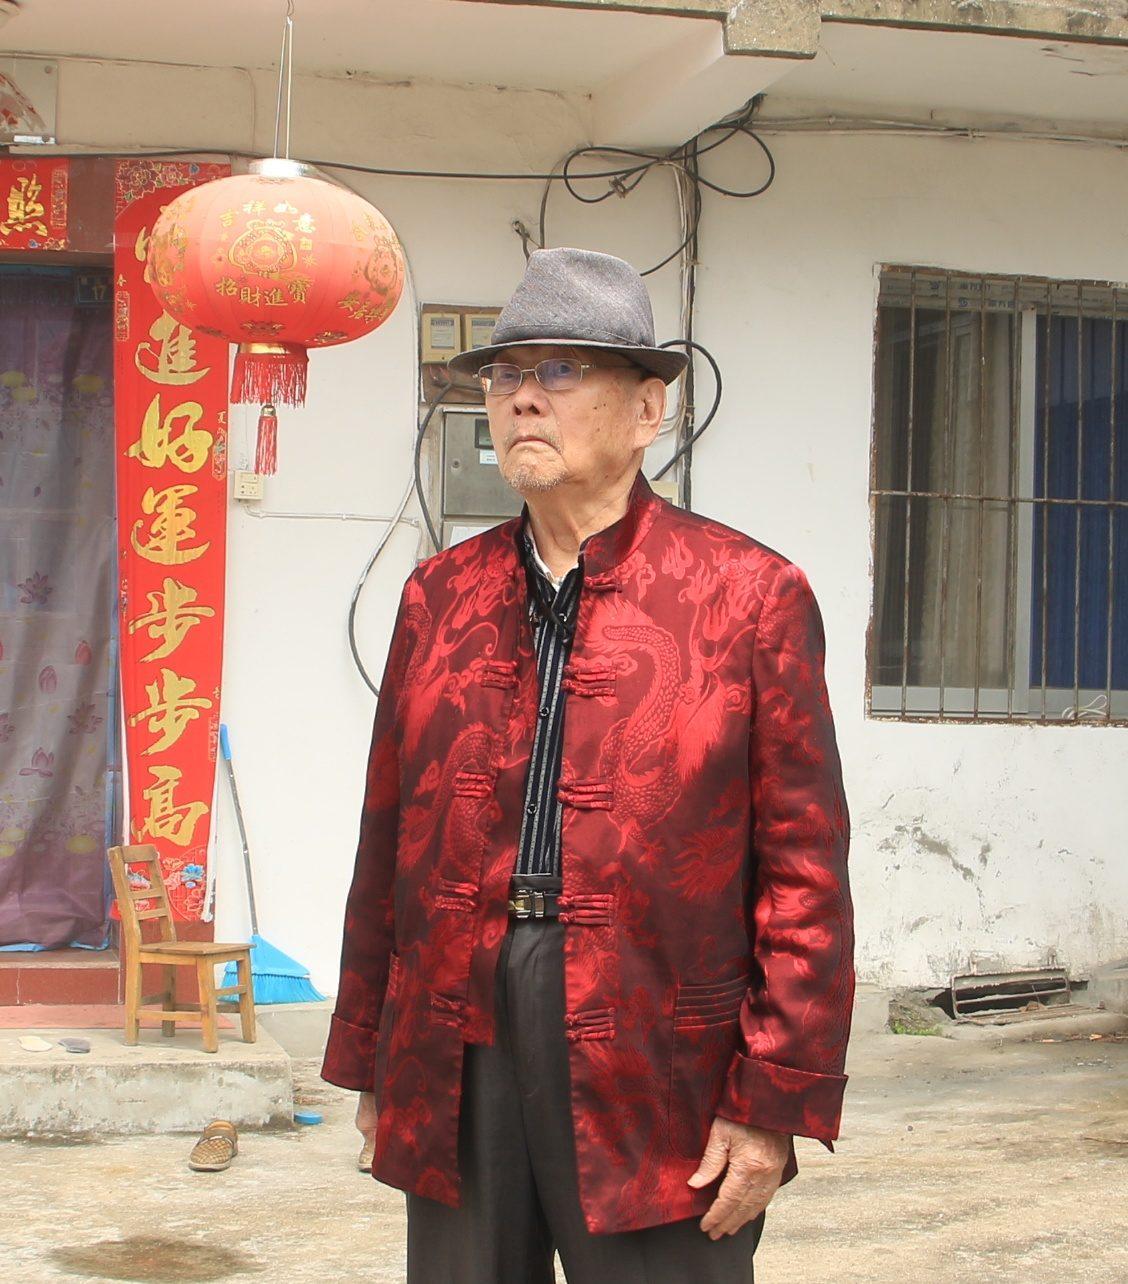 福建省泉州市王高强捐助家族500元